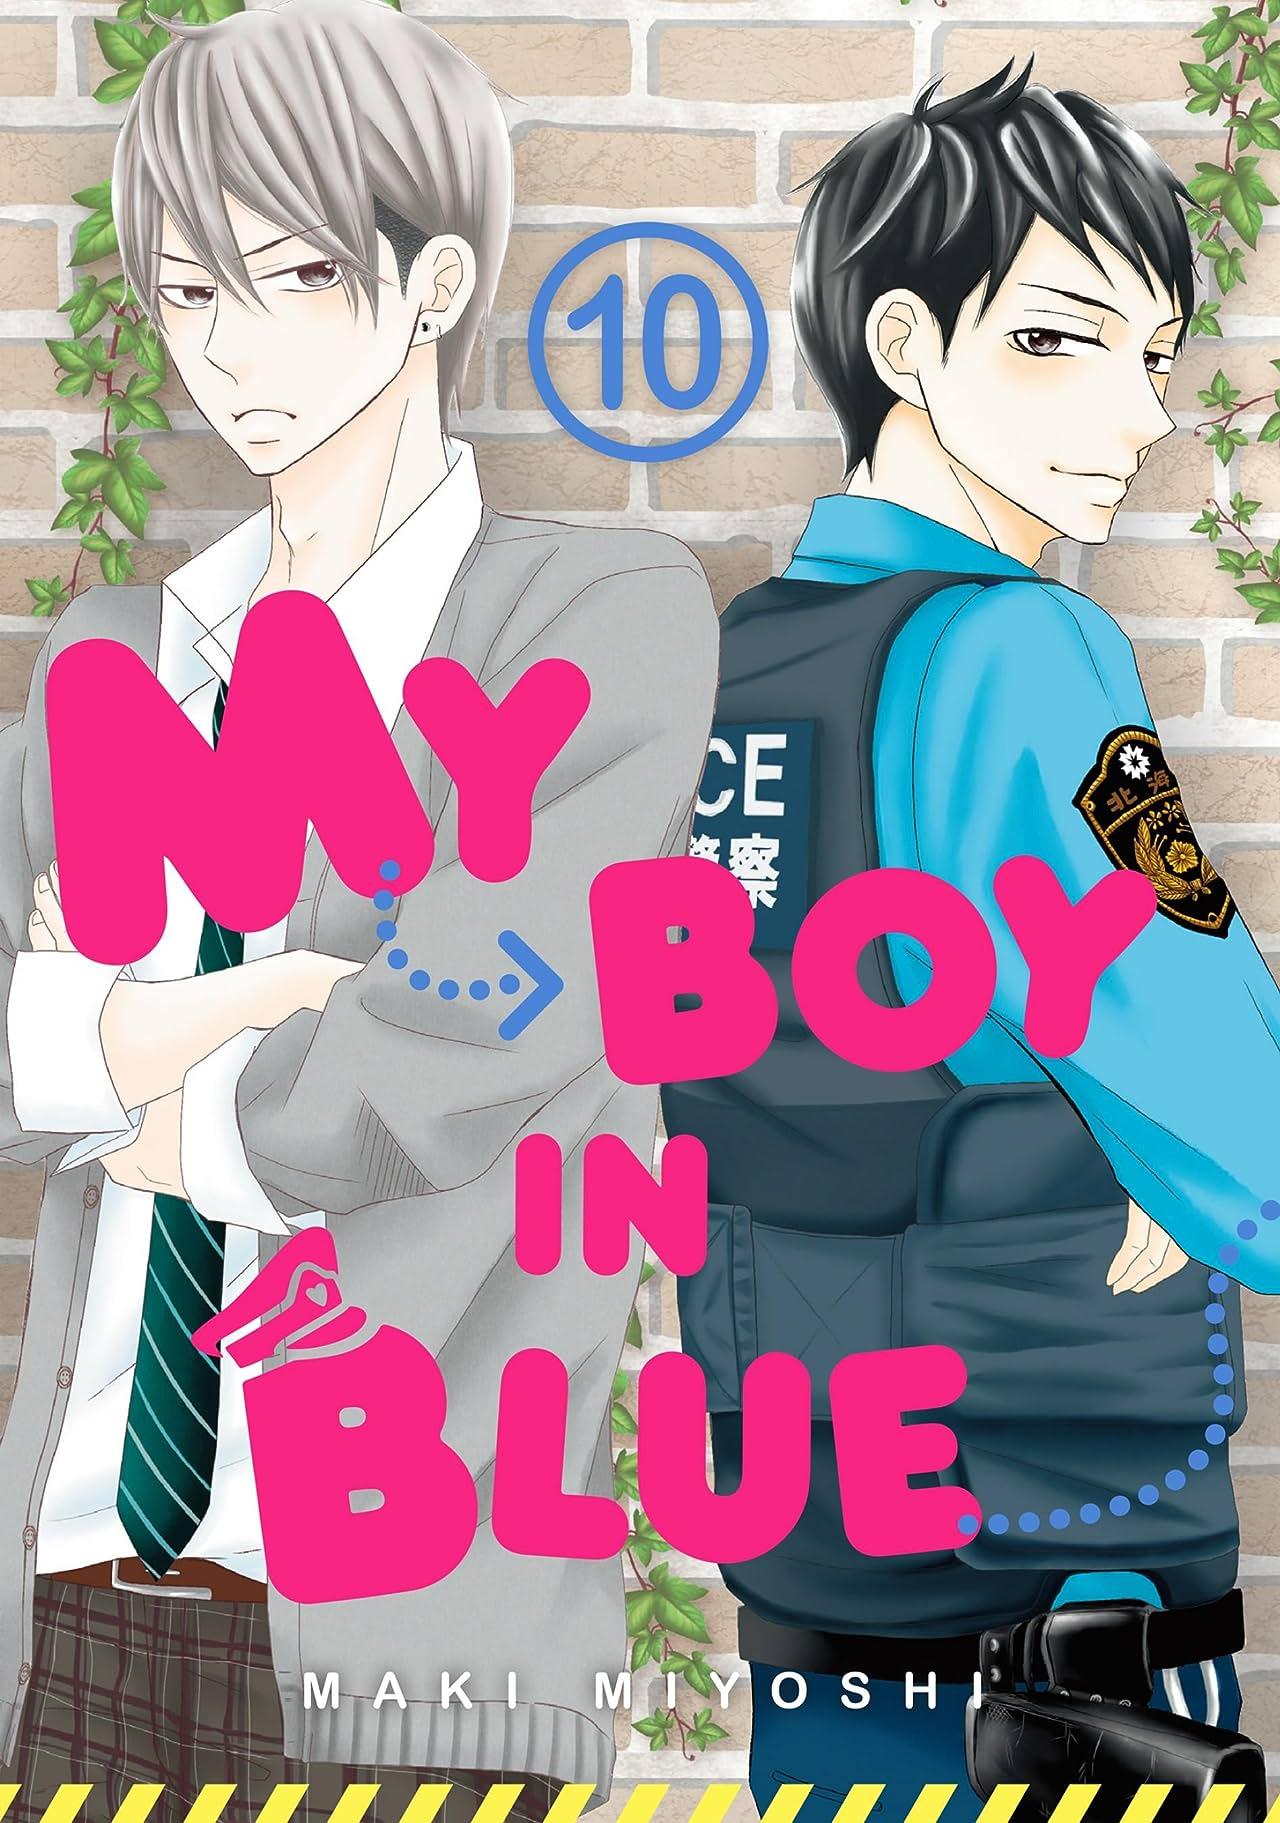 My Boy in Blue Vol. 10